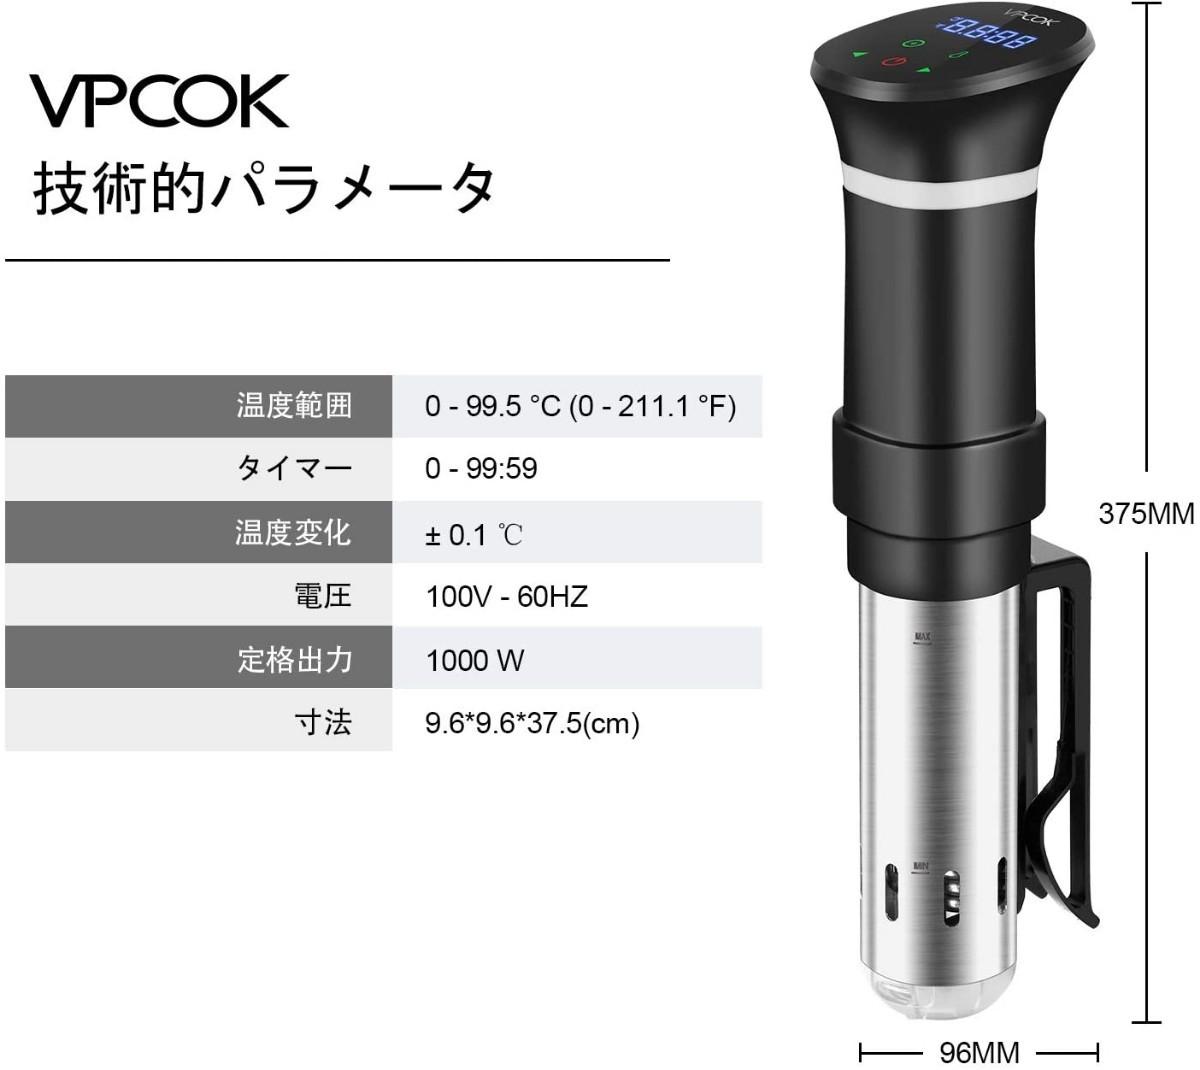 低温調理器 真空調理器 スロークッカー水温制御クッカータッチパネル英語レシピ付き